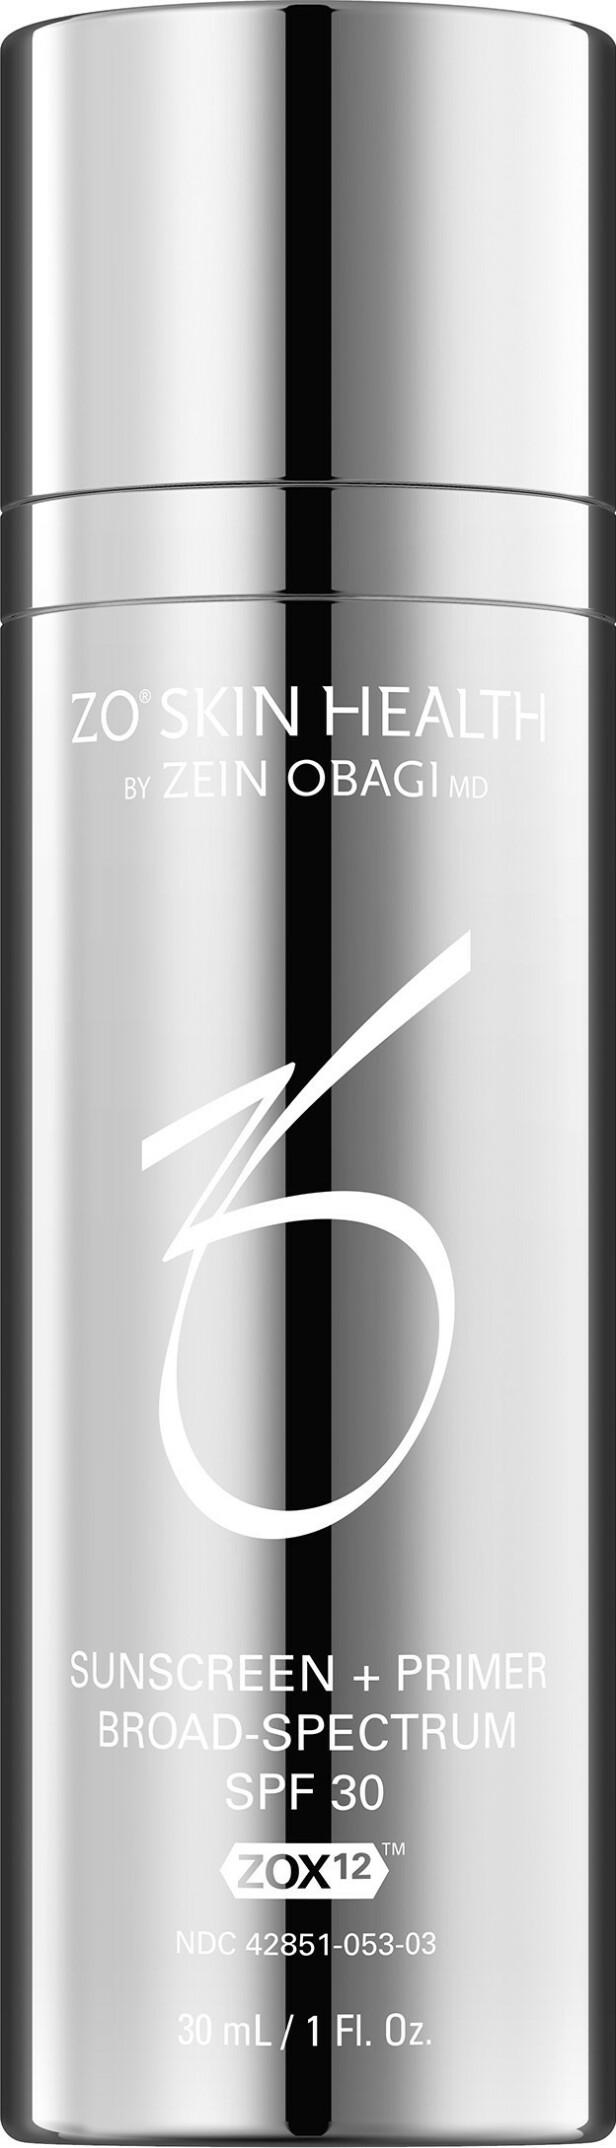 Solkrem med primereffekt (kr 865, ZO Skin Health, Sunscreen+Primer, SPF 30).